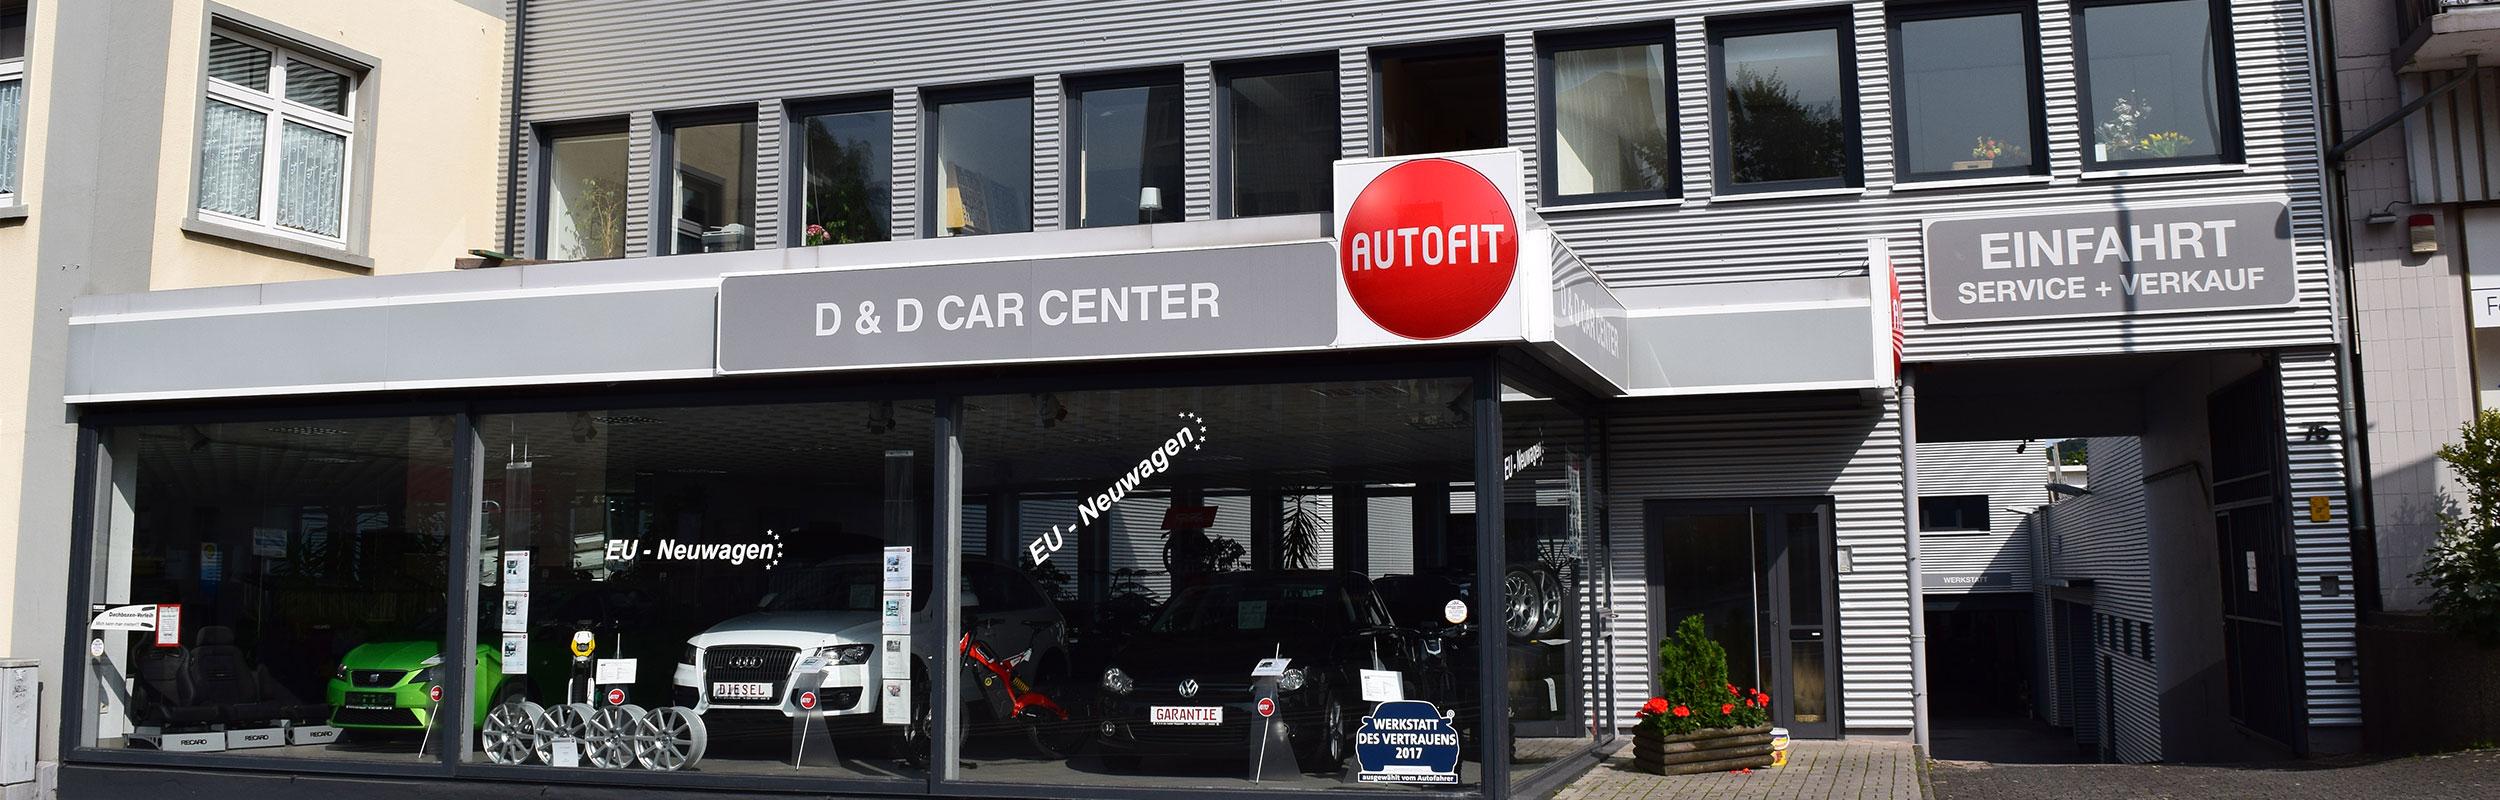 D D Car Center Werkstatt In Wuppertal Ihr Kfz Partner Für Auto